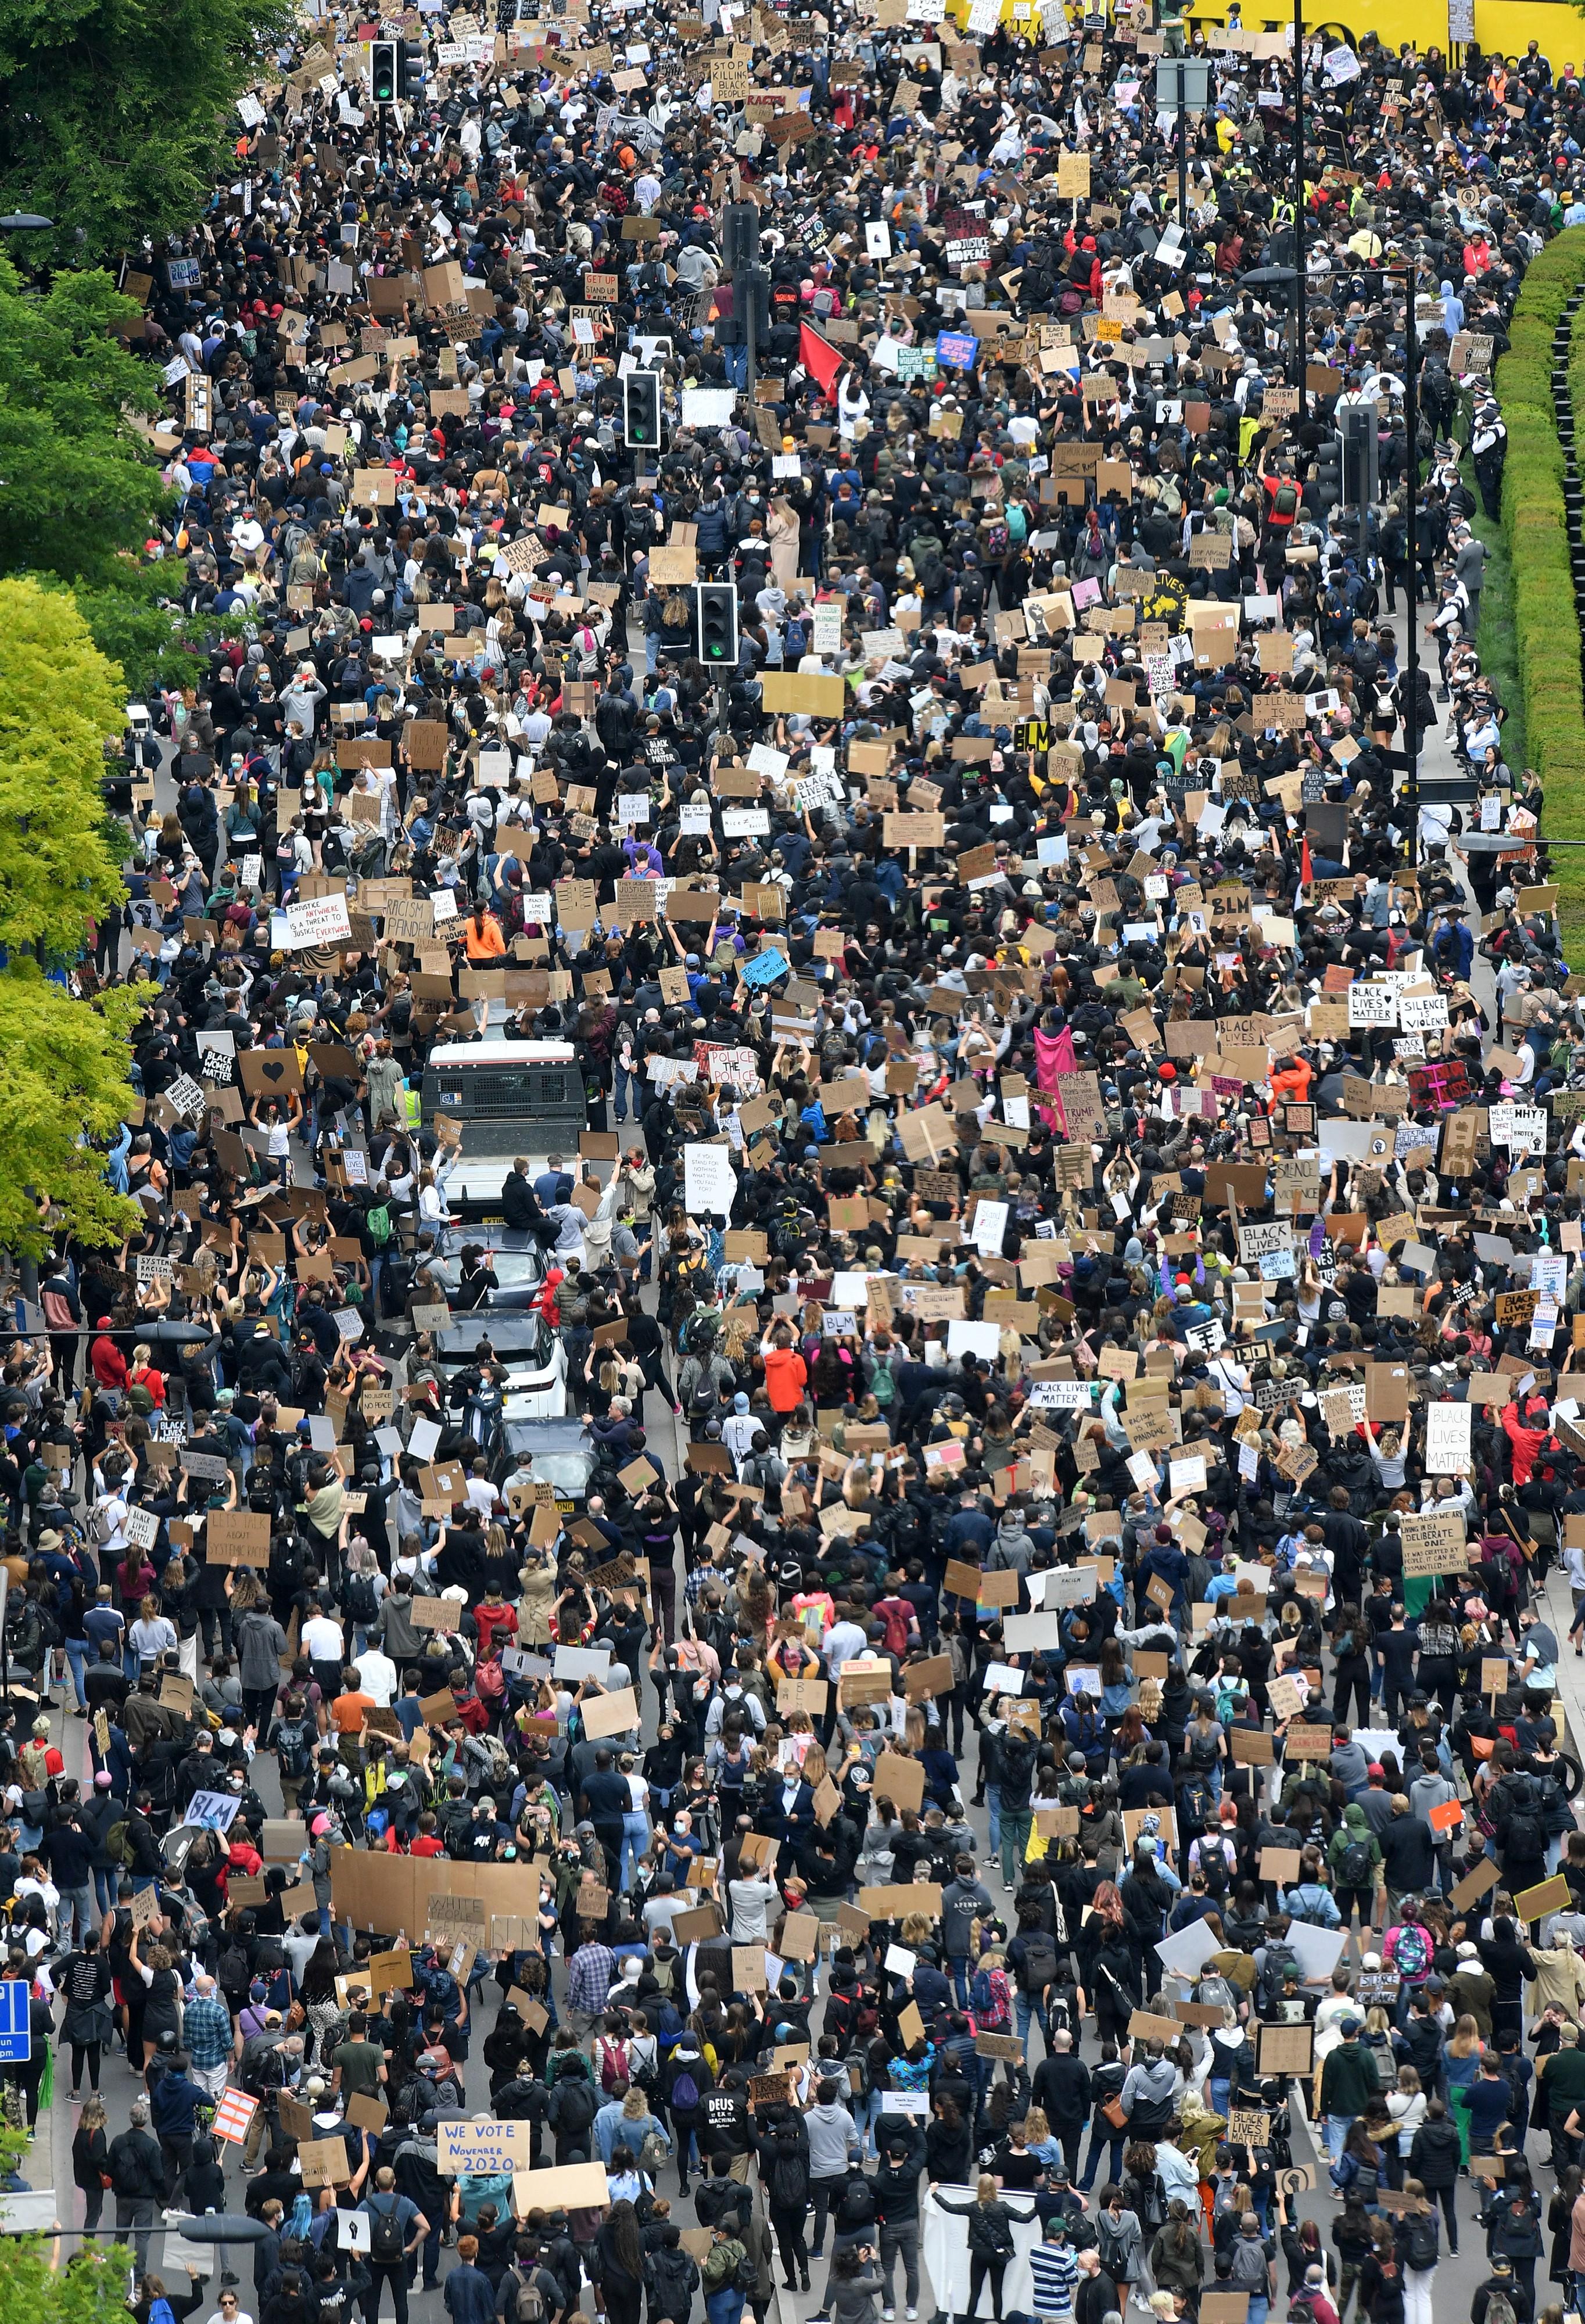 Una multitud se reunió frente a la sede diplomática estadounidense en la capital británica